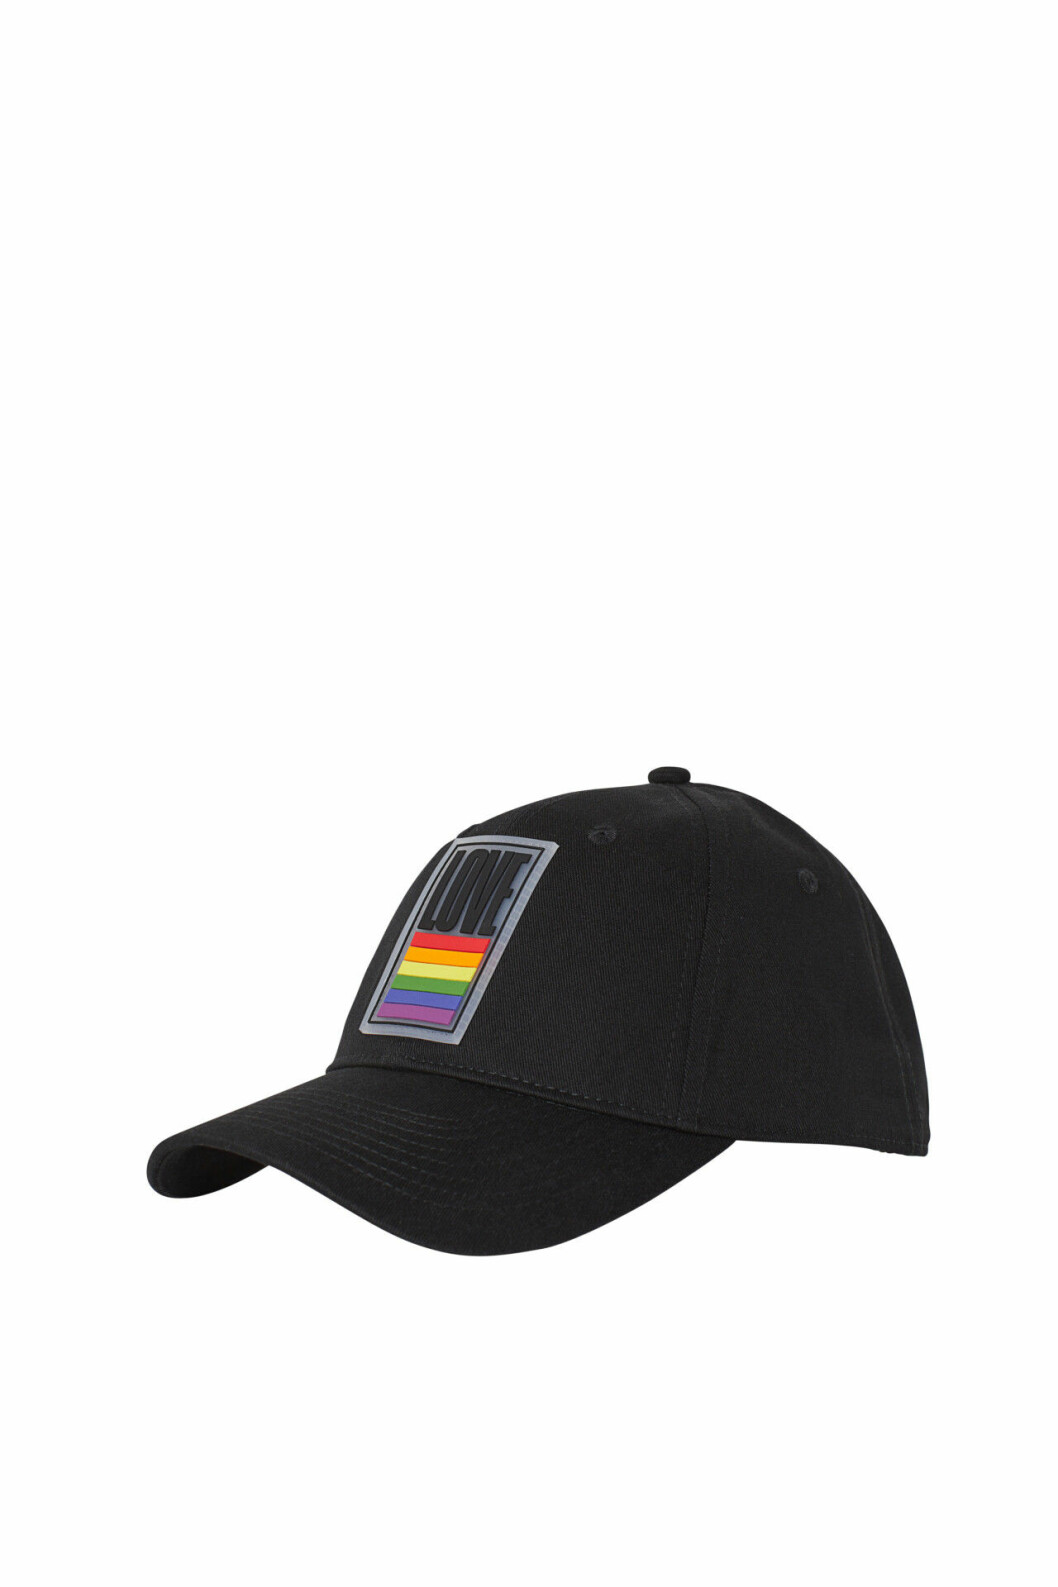 H&M släpper Pridekollektion för 2019 – svart keps